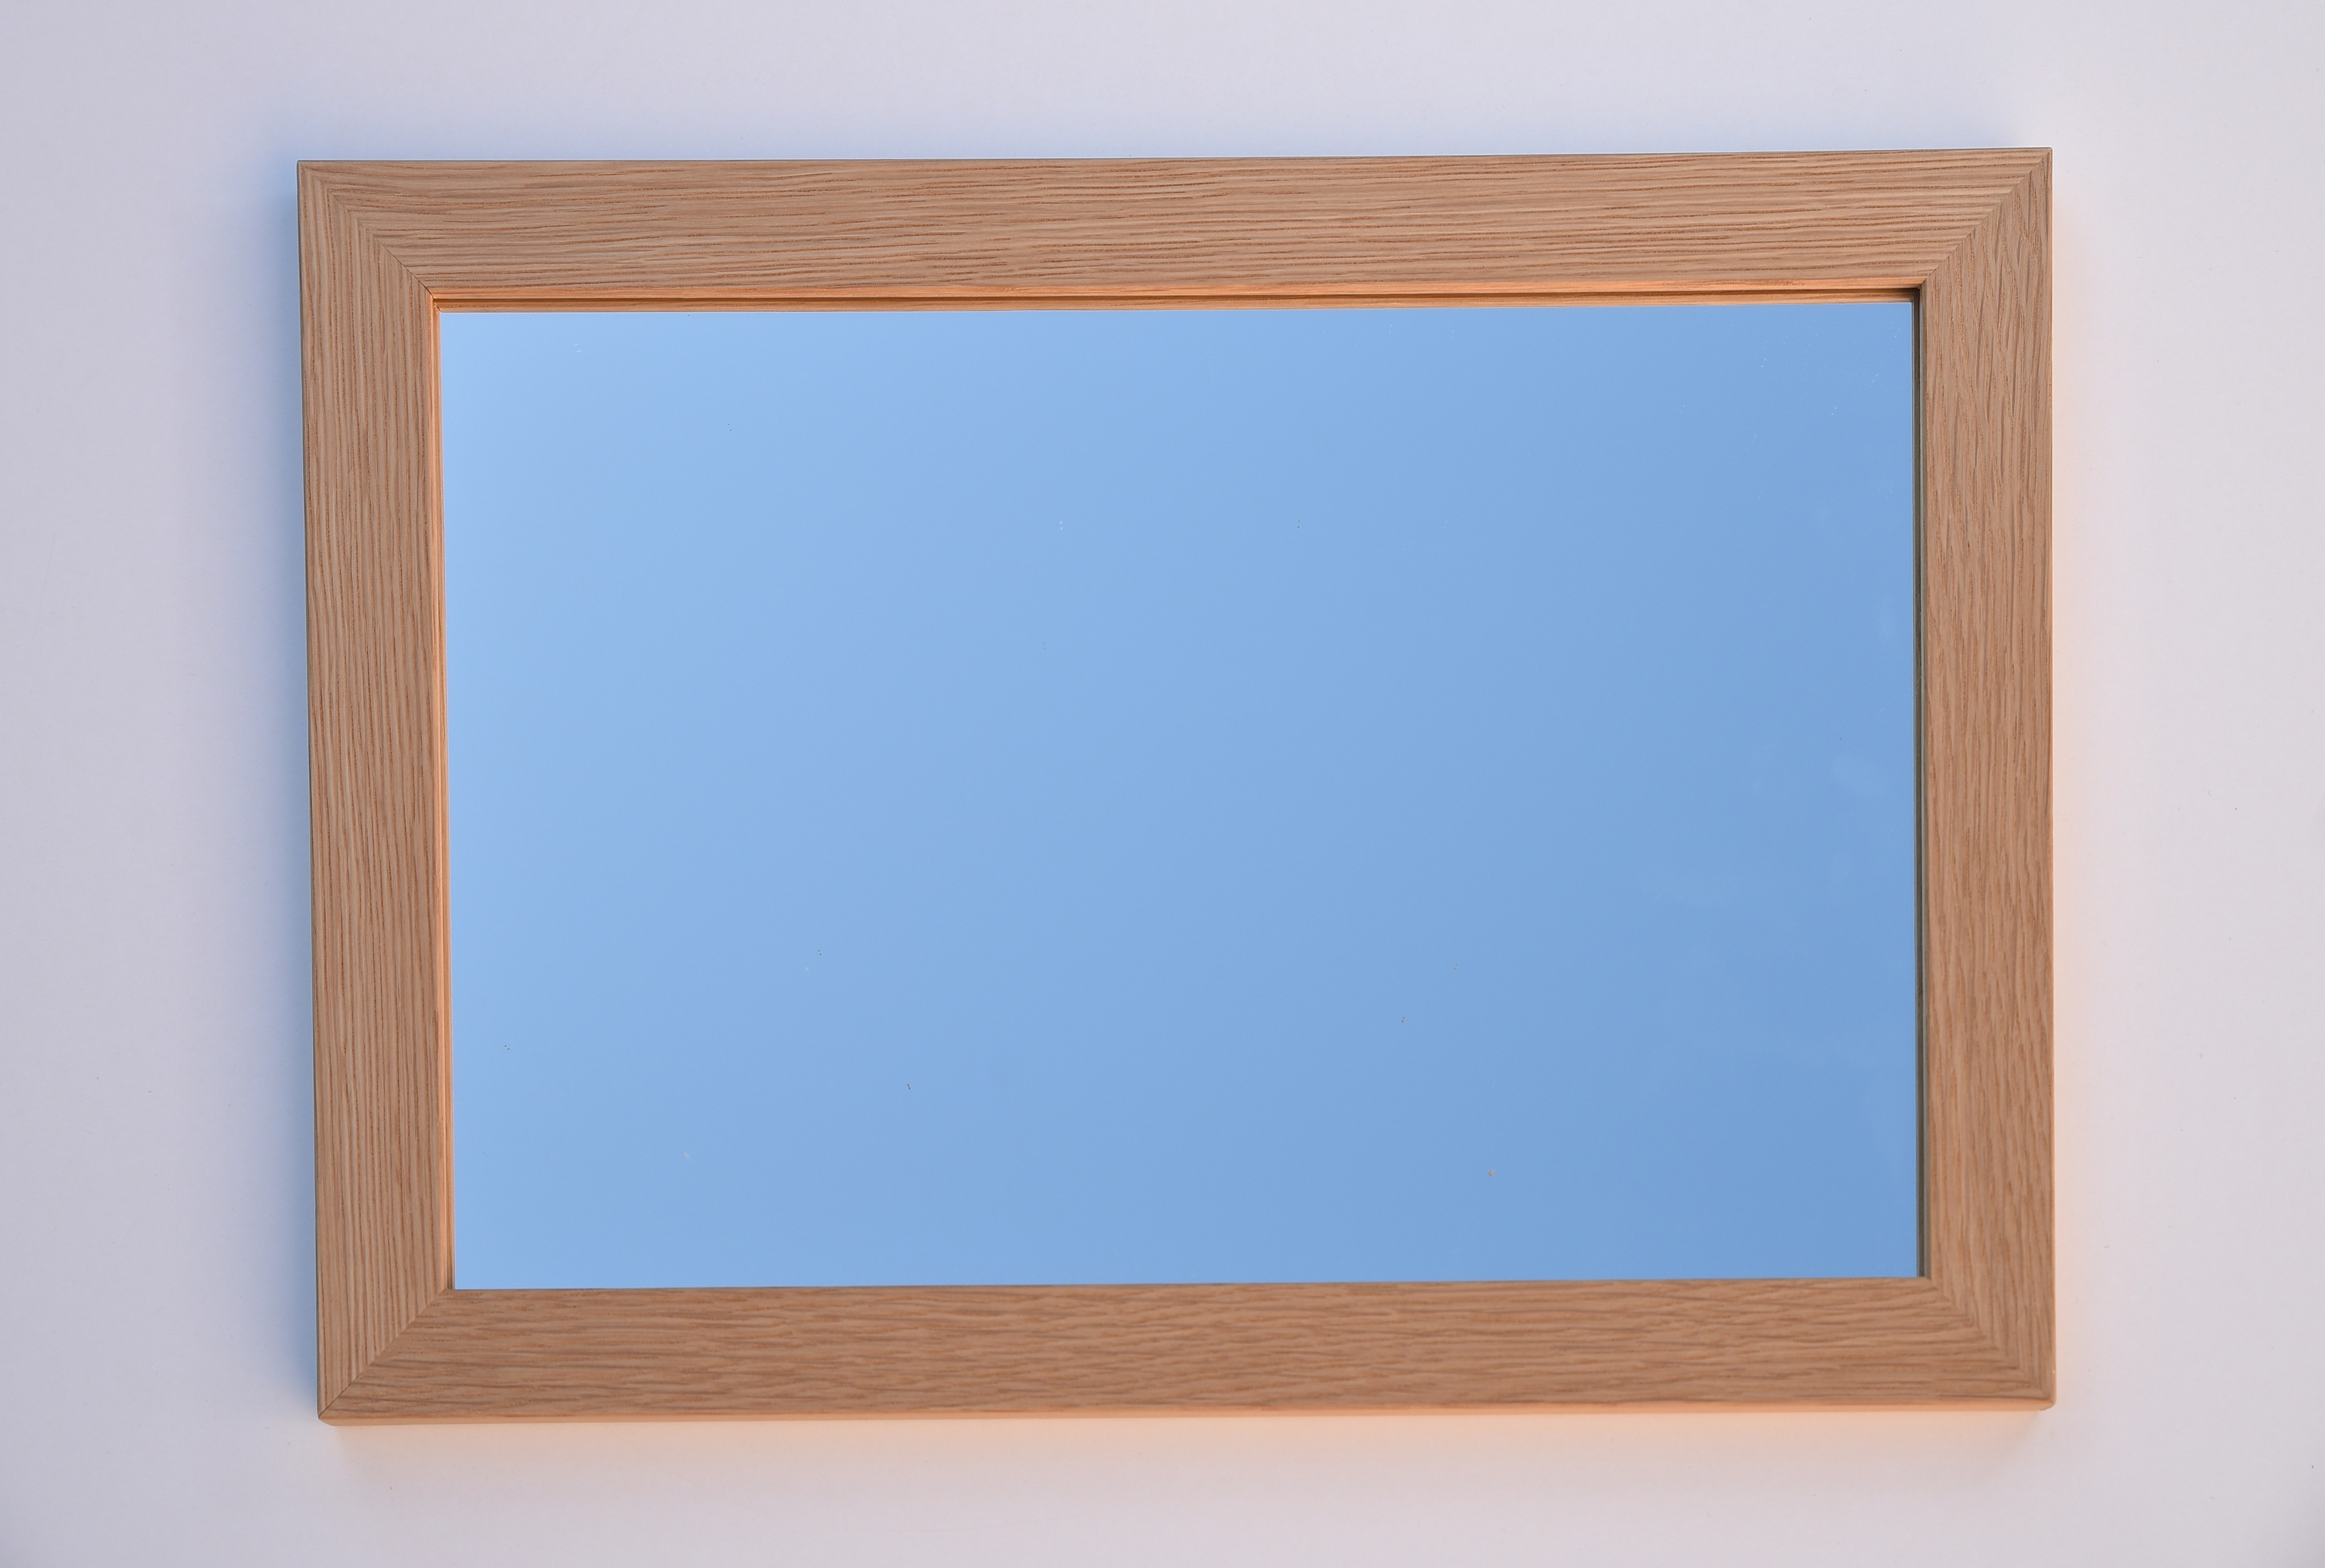 Miroir avec cadre en ch ne format standard ou sur mesure for Miroir biseaute sans cadre